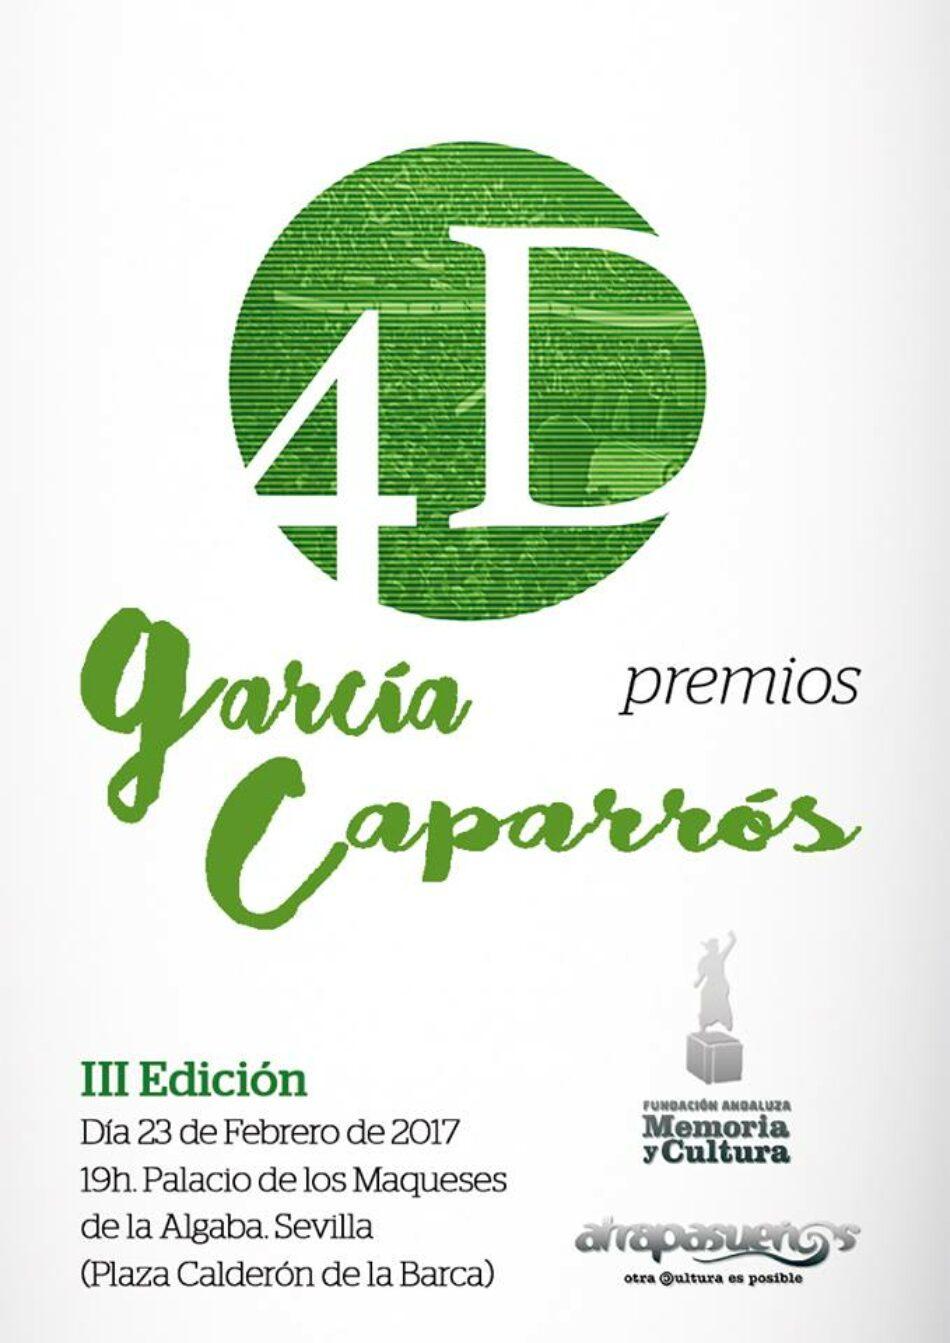 La familia García Caparrós lleva al Parlamento Andaluz la propuesta de reparación y justicia para su caso